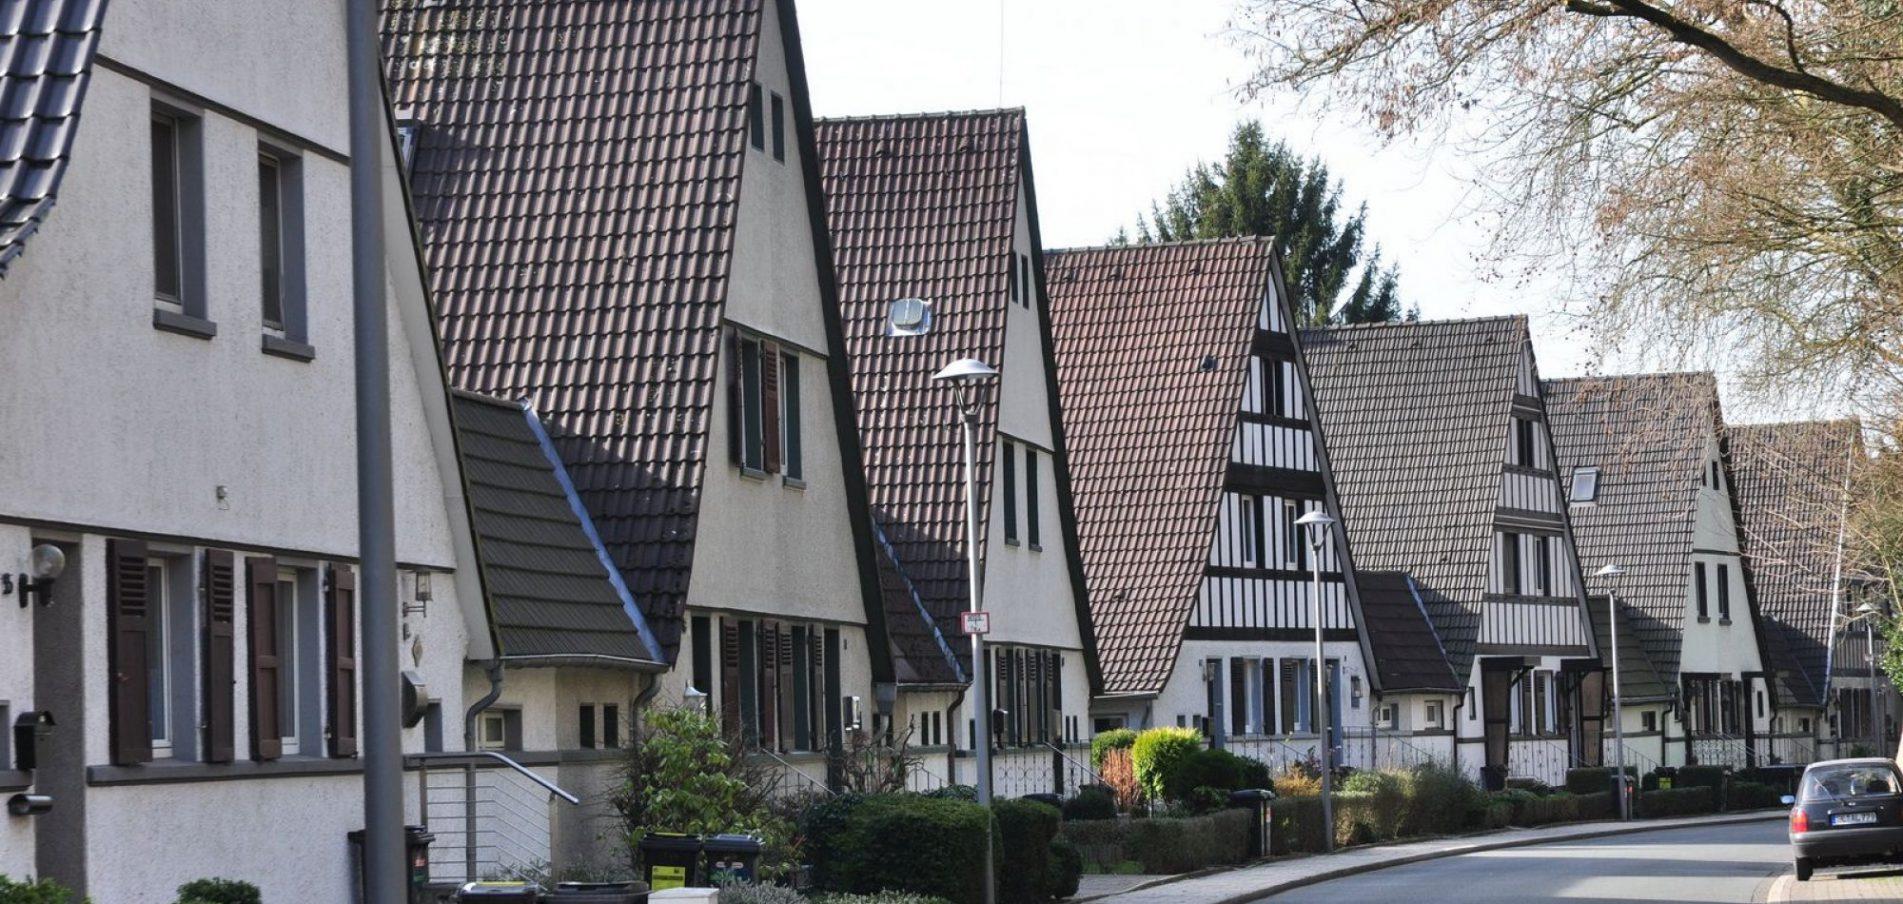 Willkommen in Bochum ... das Zentrum des mittleren Ruhrgebiets!